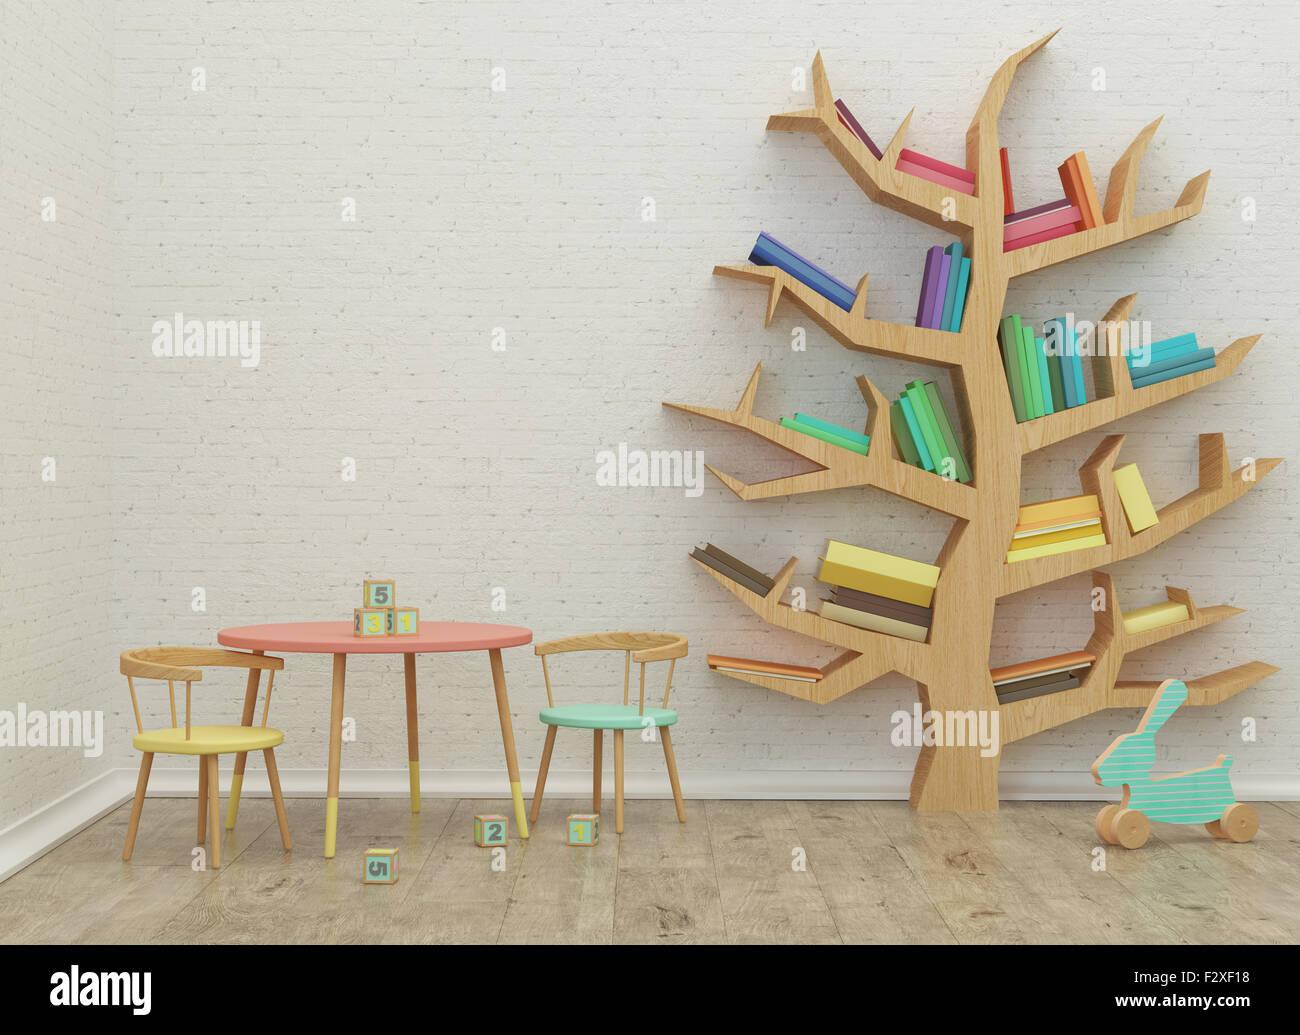 Bambini Sala giochi interni 3d rendering immagine colorata con libri e giocattoli Immagini Stock